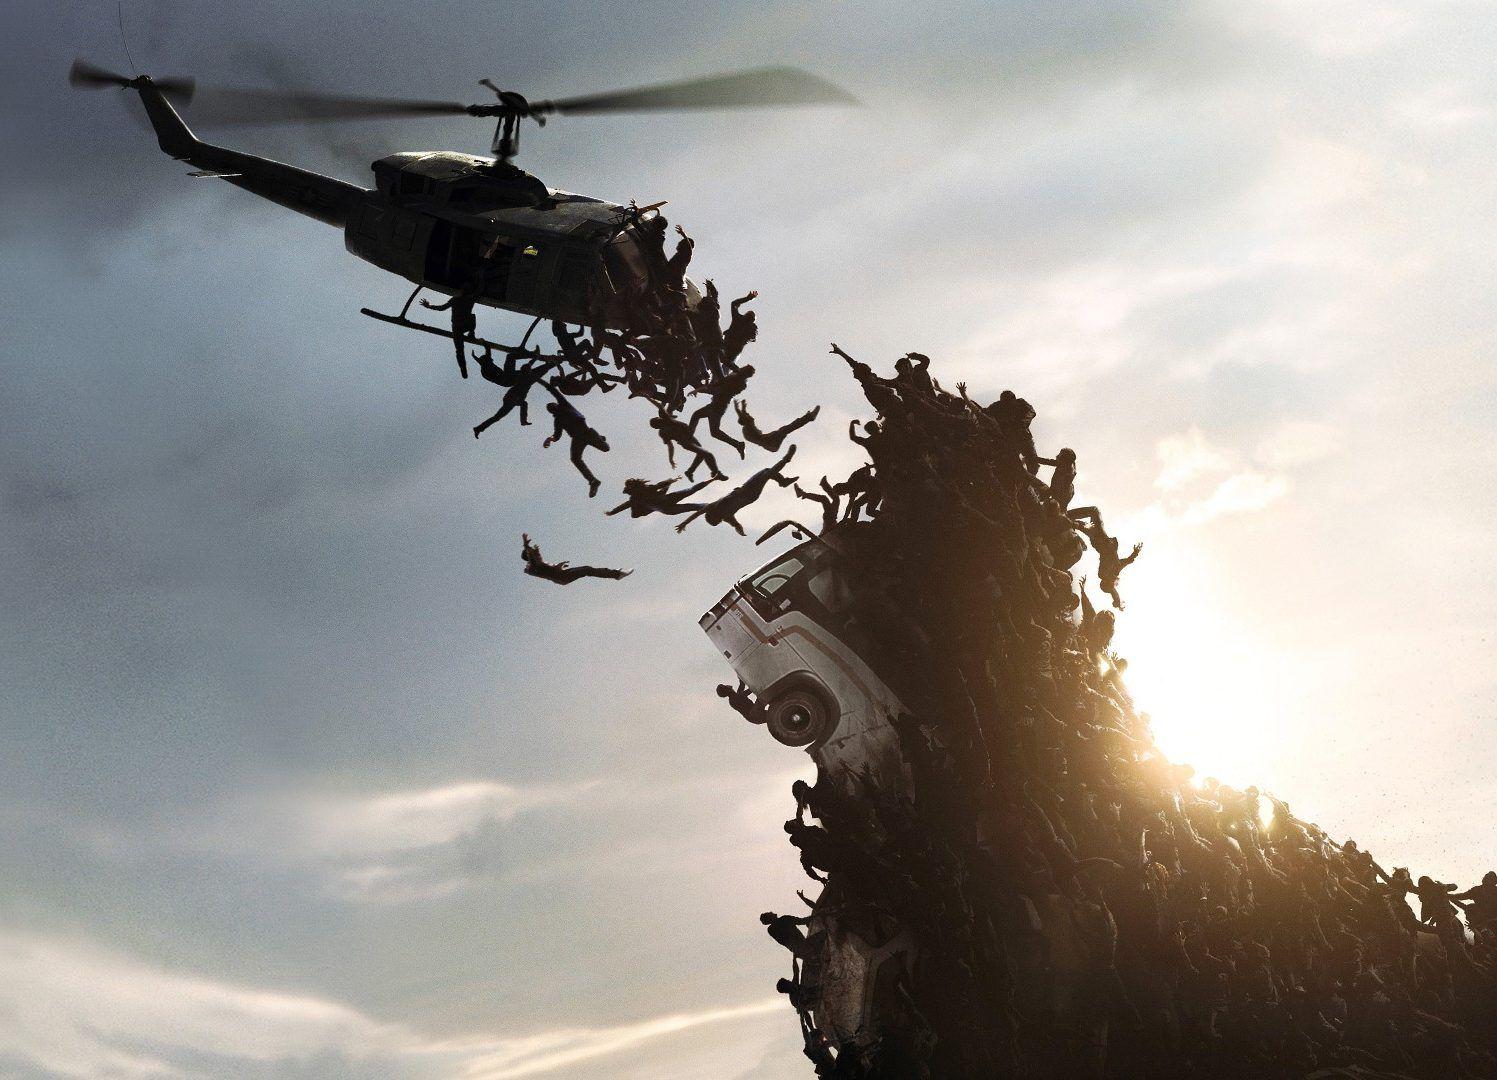 Bộ phim World War Z tuy không được đánh giá cao về kỹ xảo nhưng đạt doanh thu thương mại rất cao